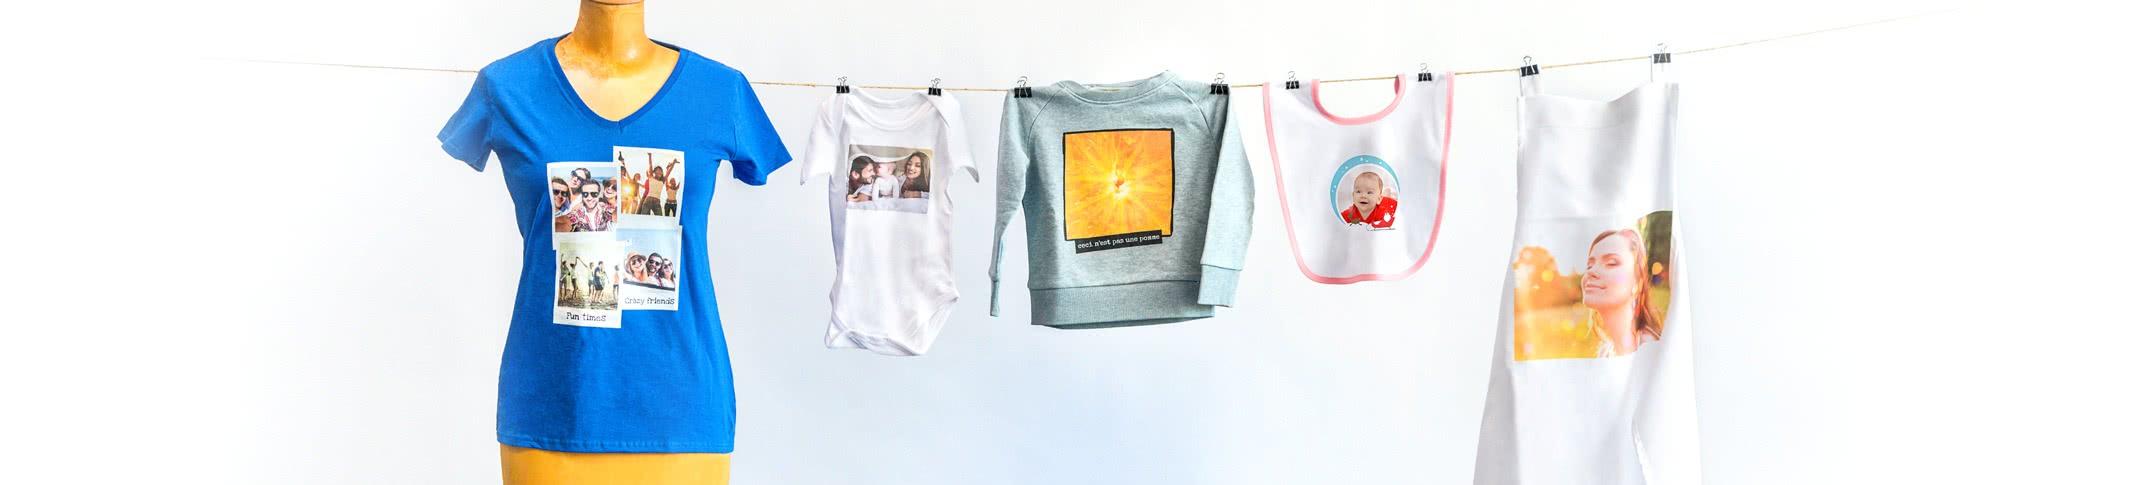 Designa kläder med eget tryck